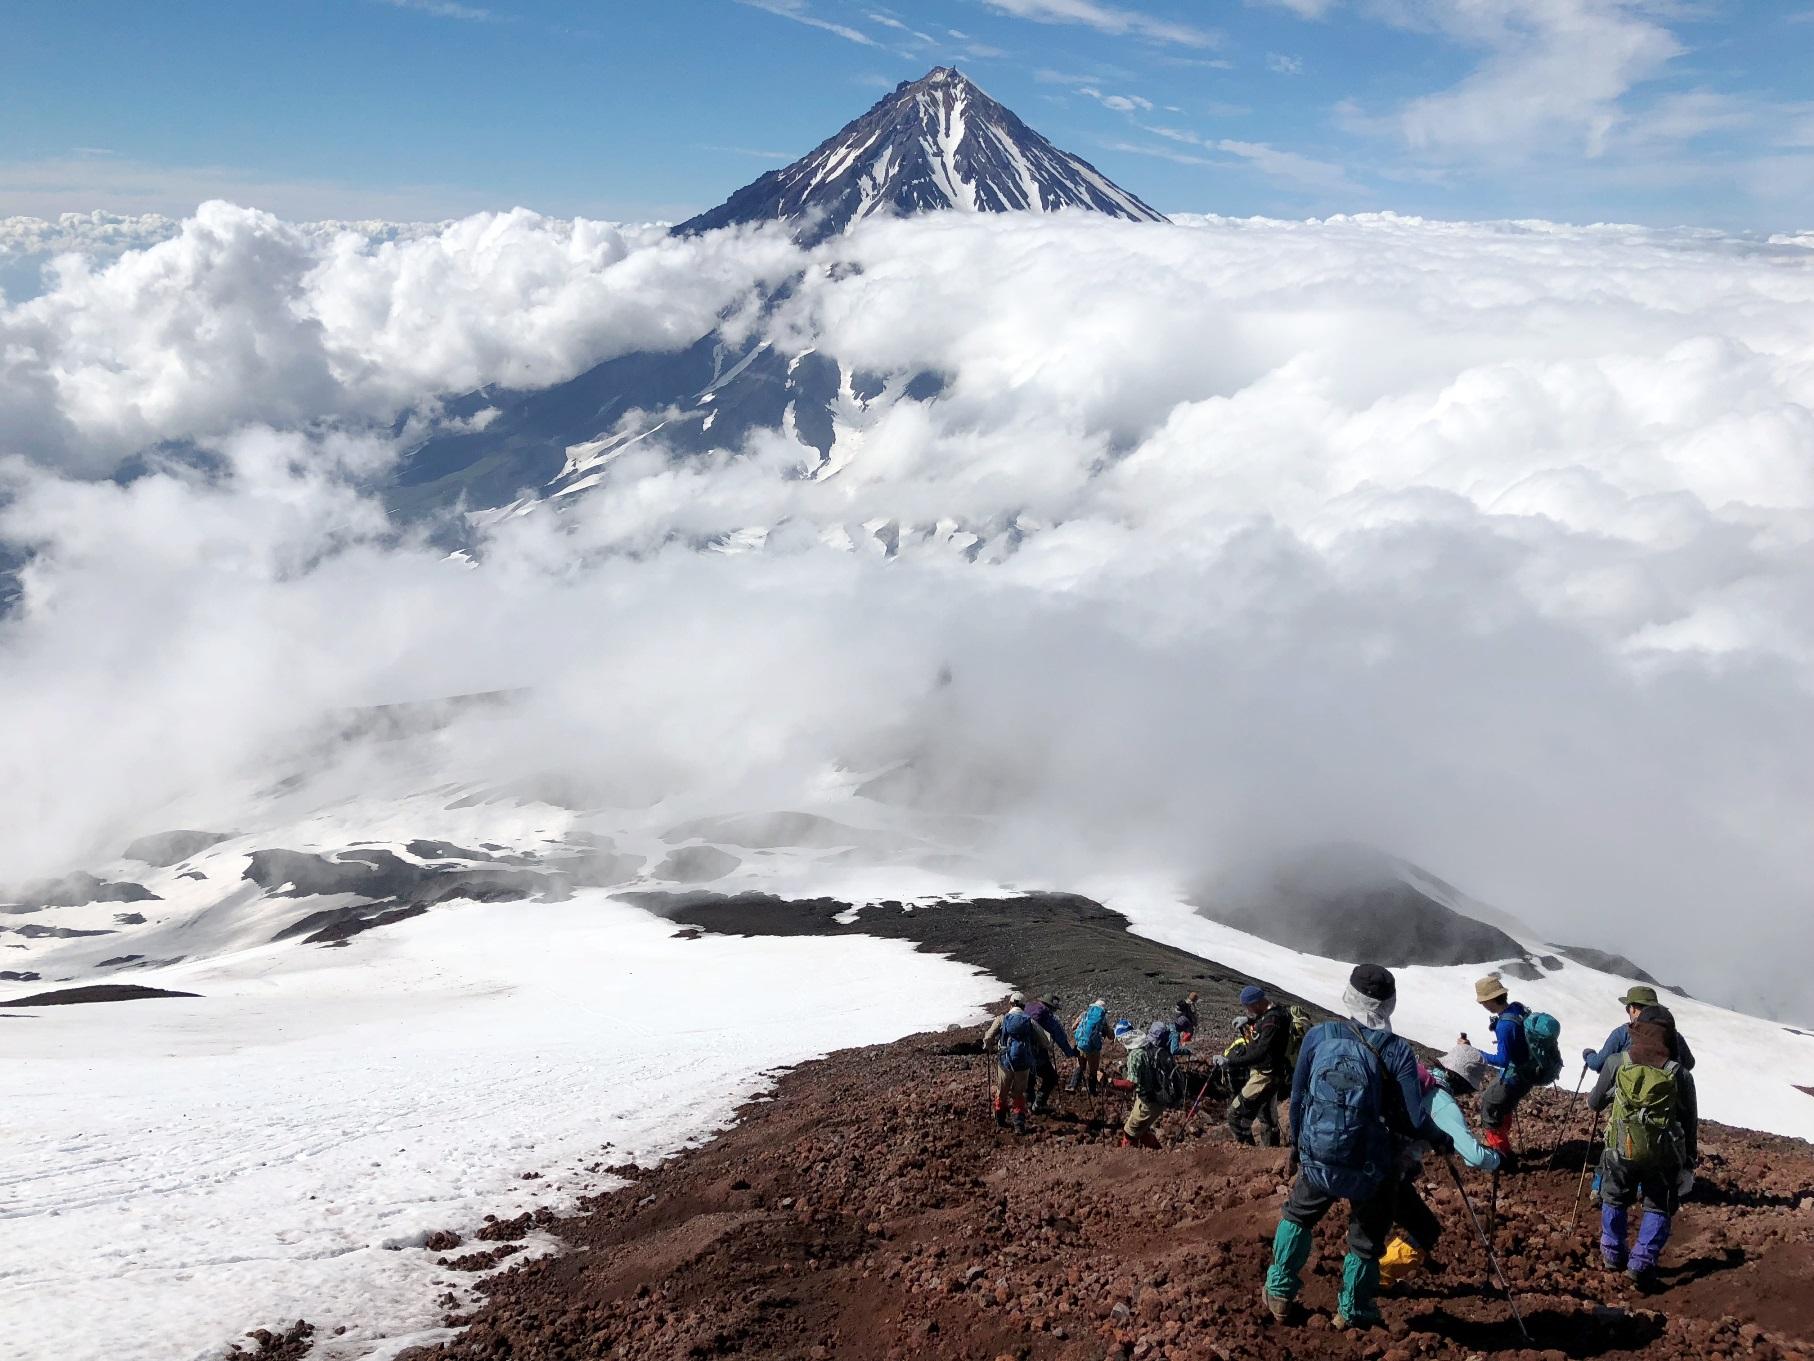 7月27日出発 「カムチャッカ半島アバチャ山登頂と 花のバチェカズェッツ山麓 5日間」